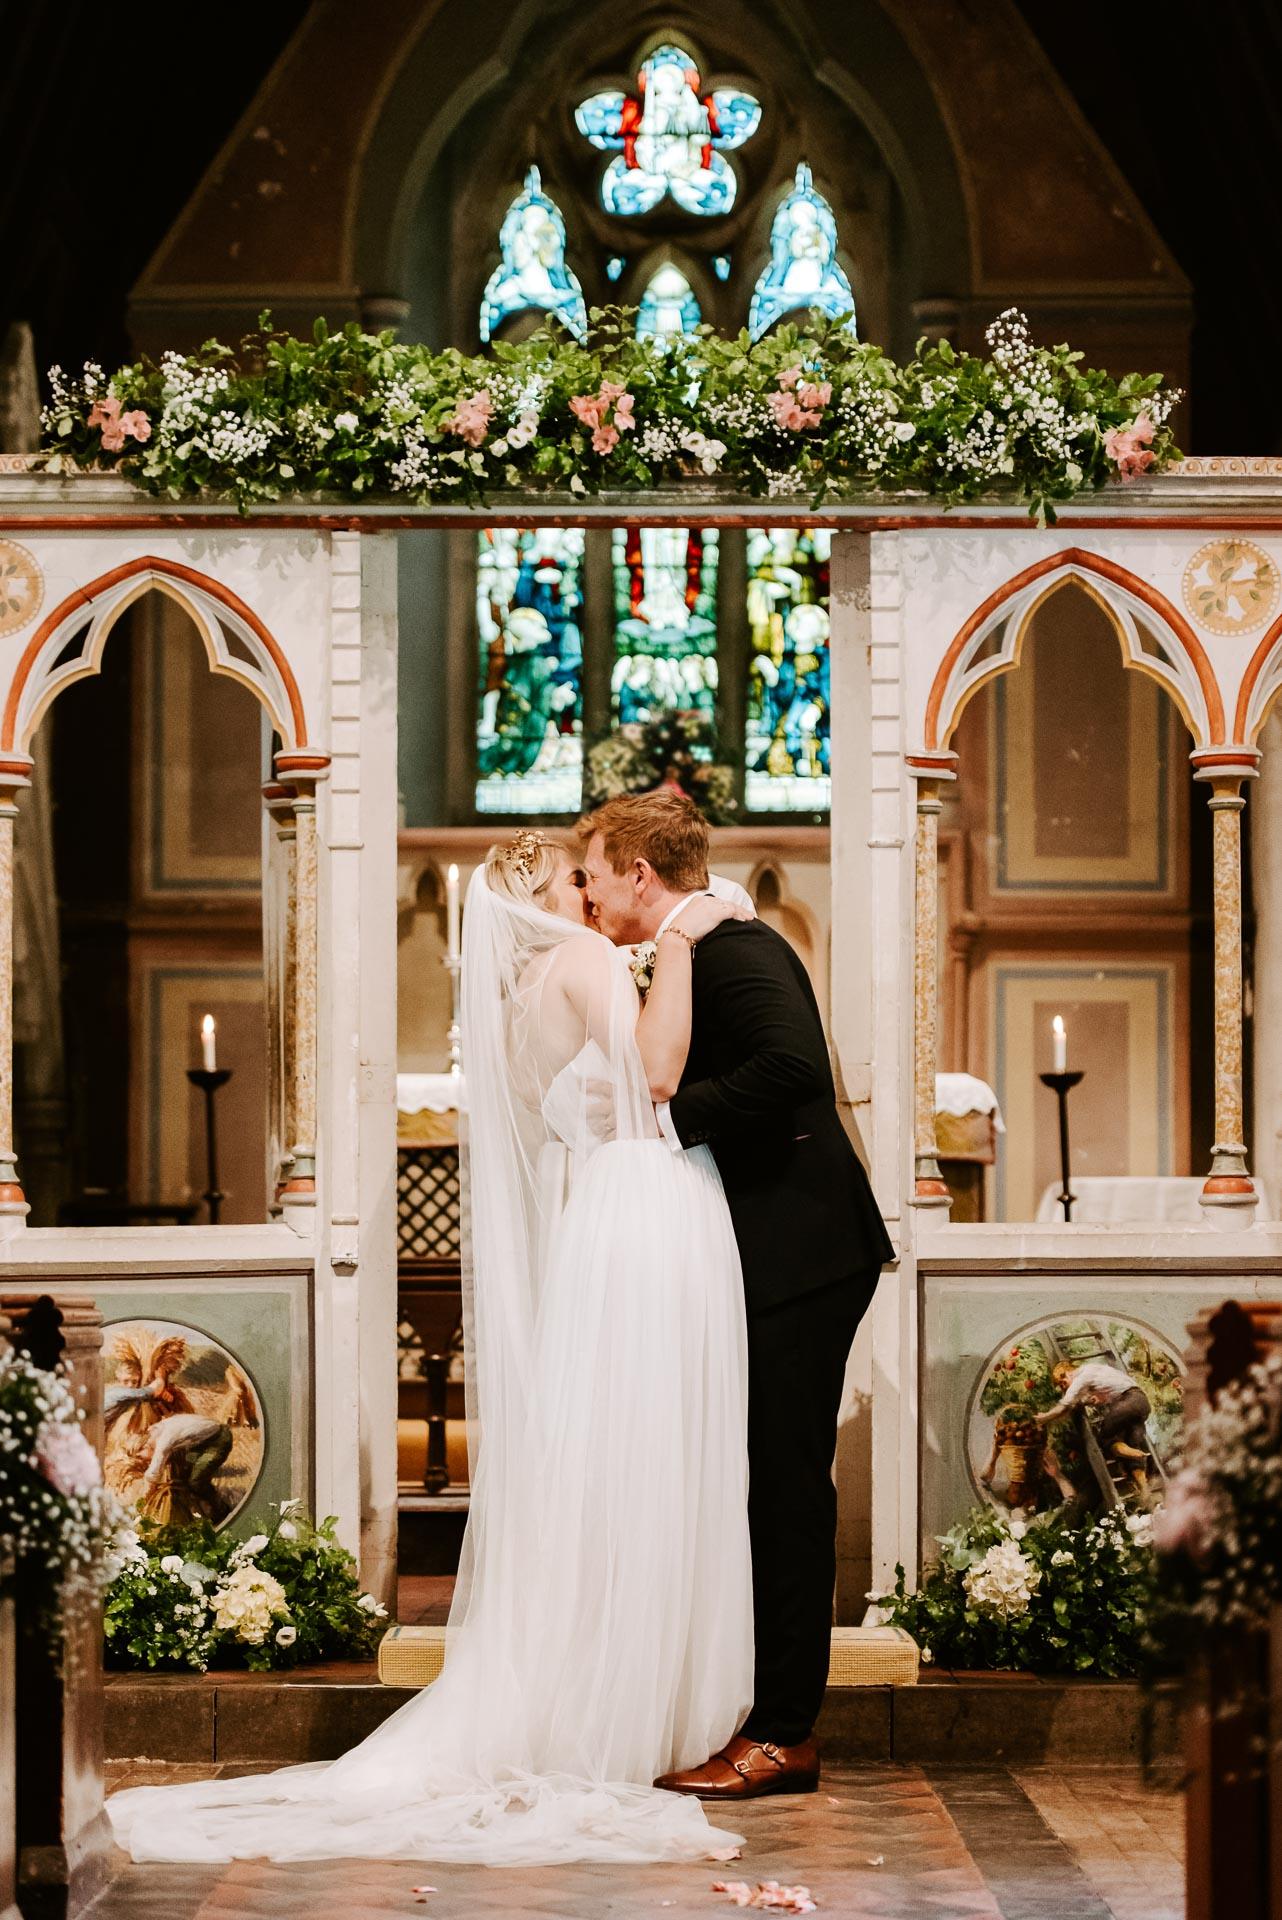 Henny_Jamie_East Sussex_Wedding_26.jpg